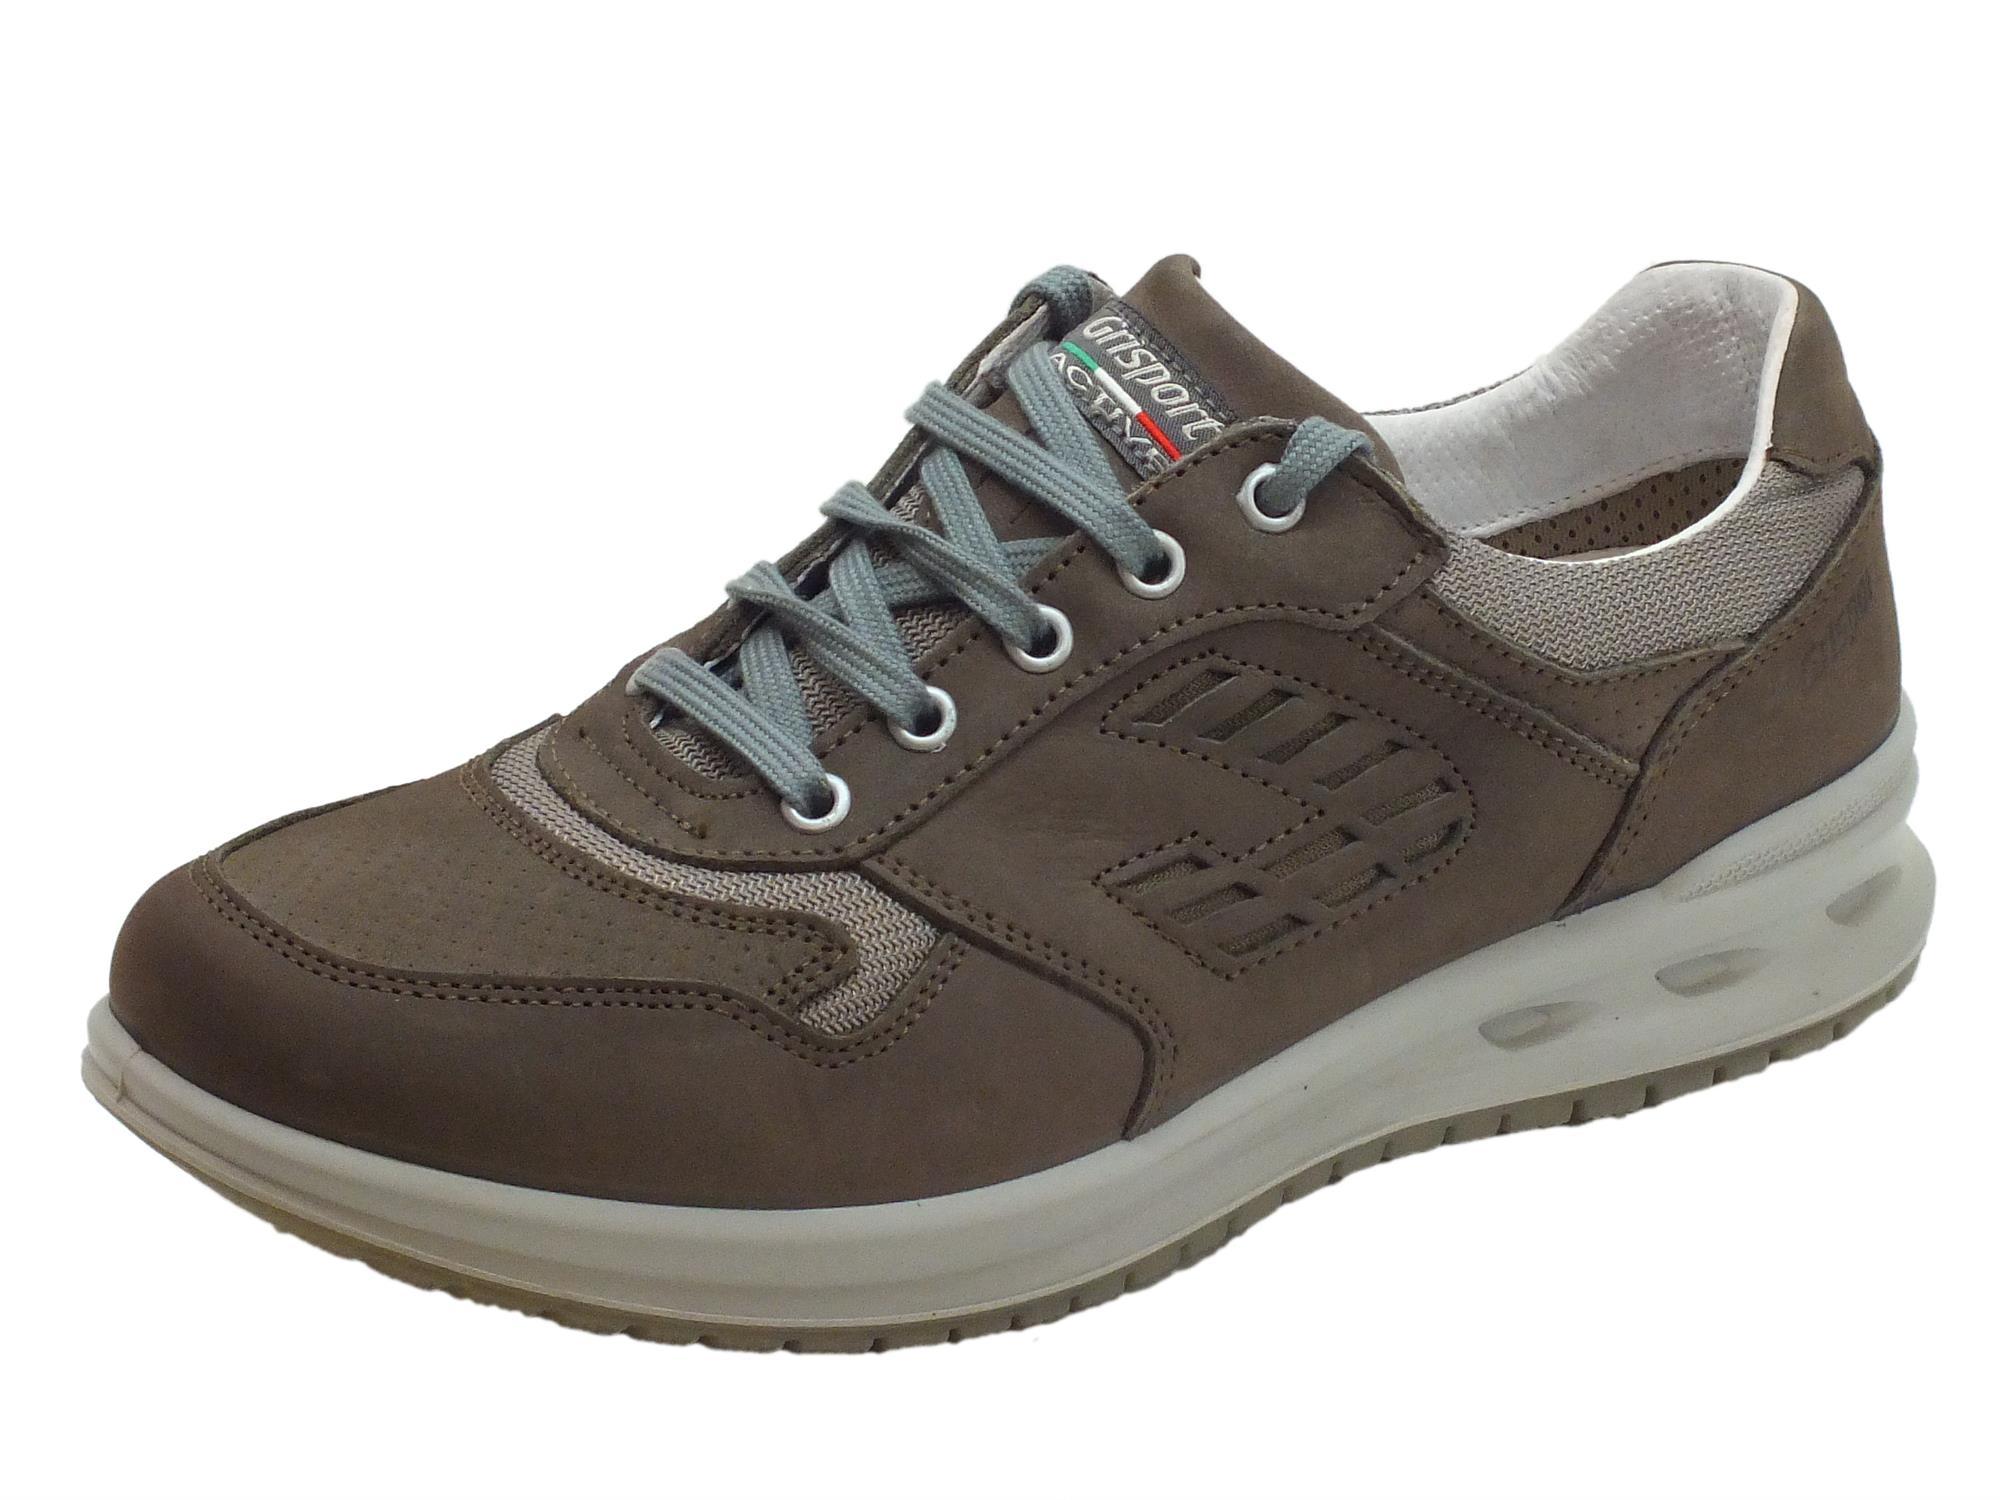 Scarpe per uomo Grisport Active in pelle marrone con fondo antistatico 61412866ce0